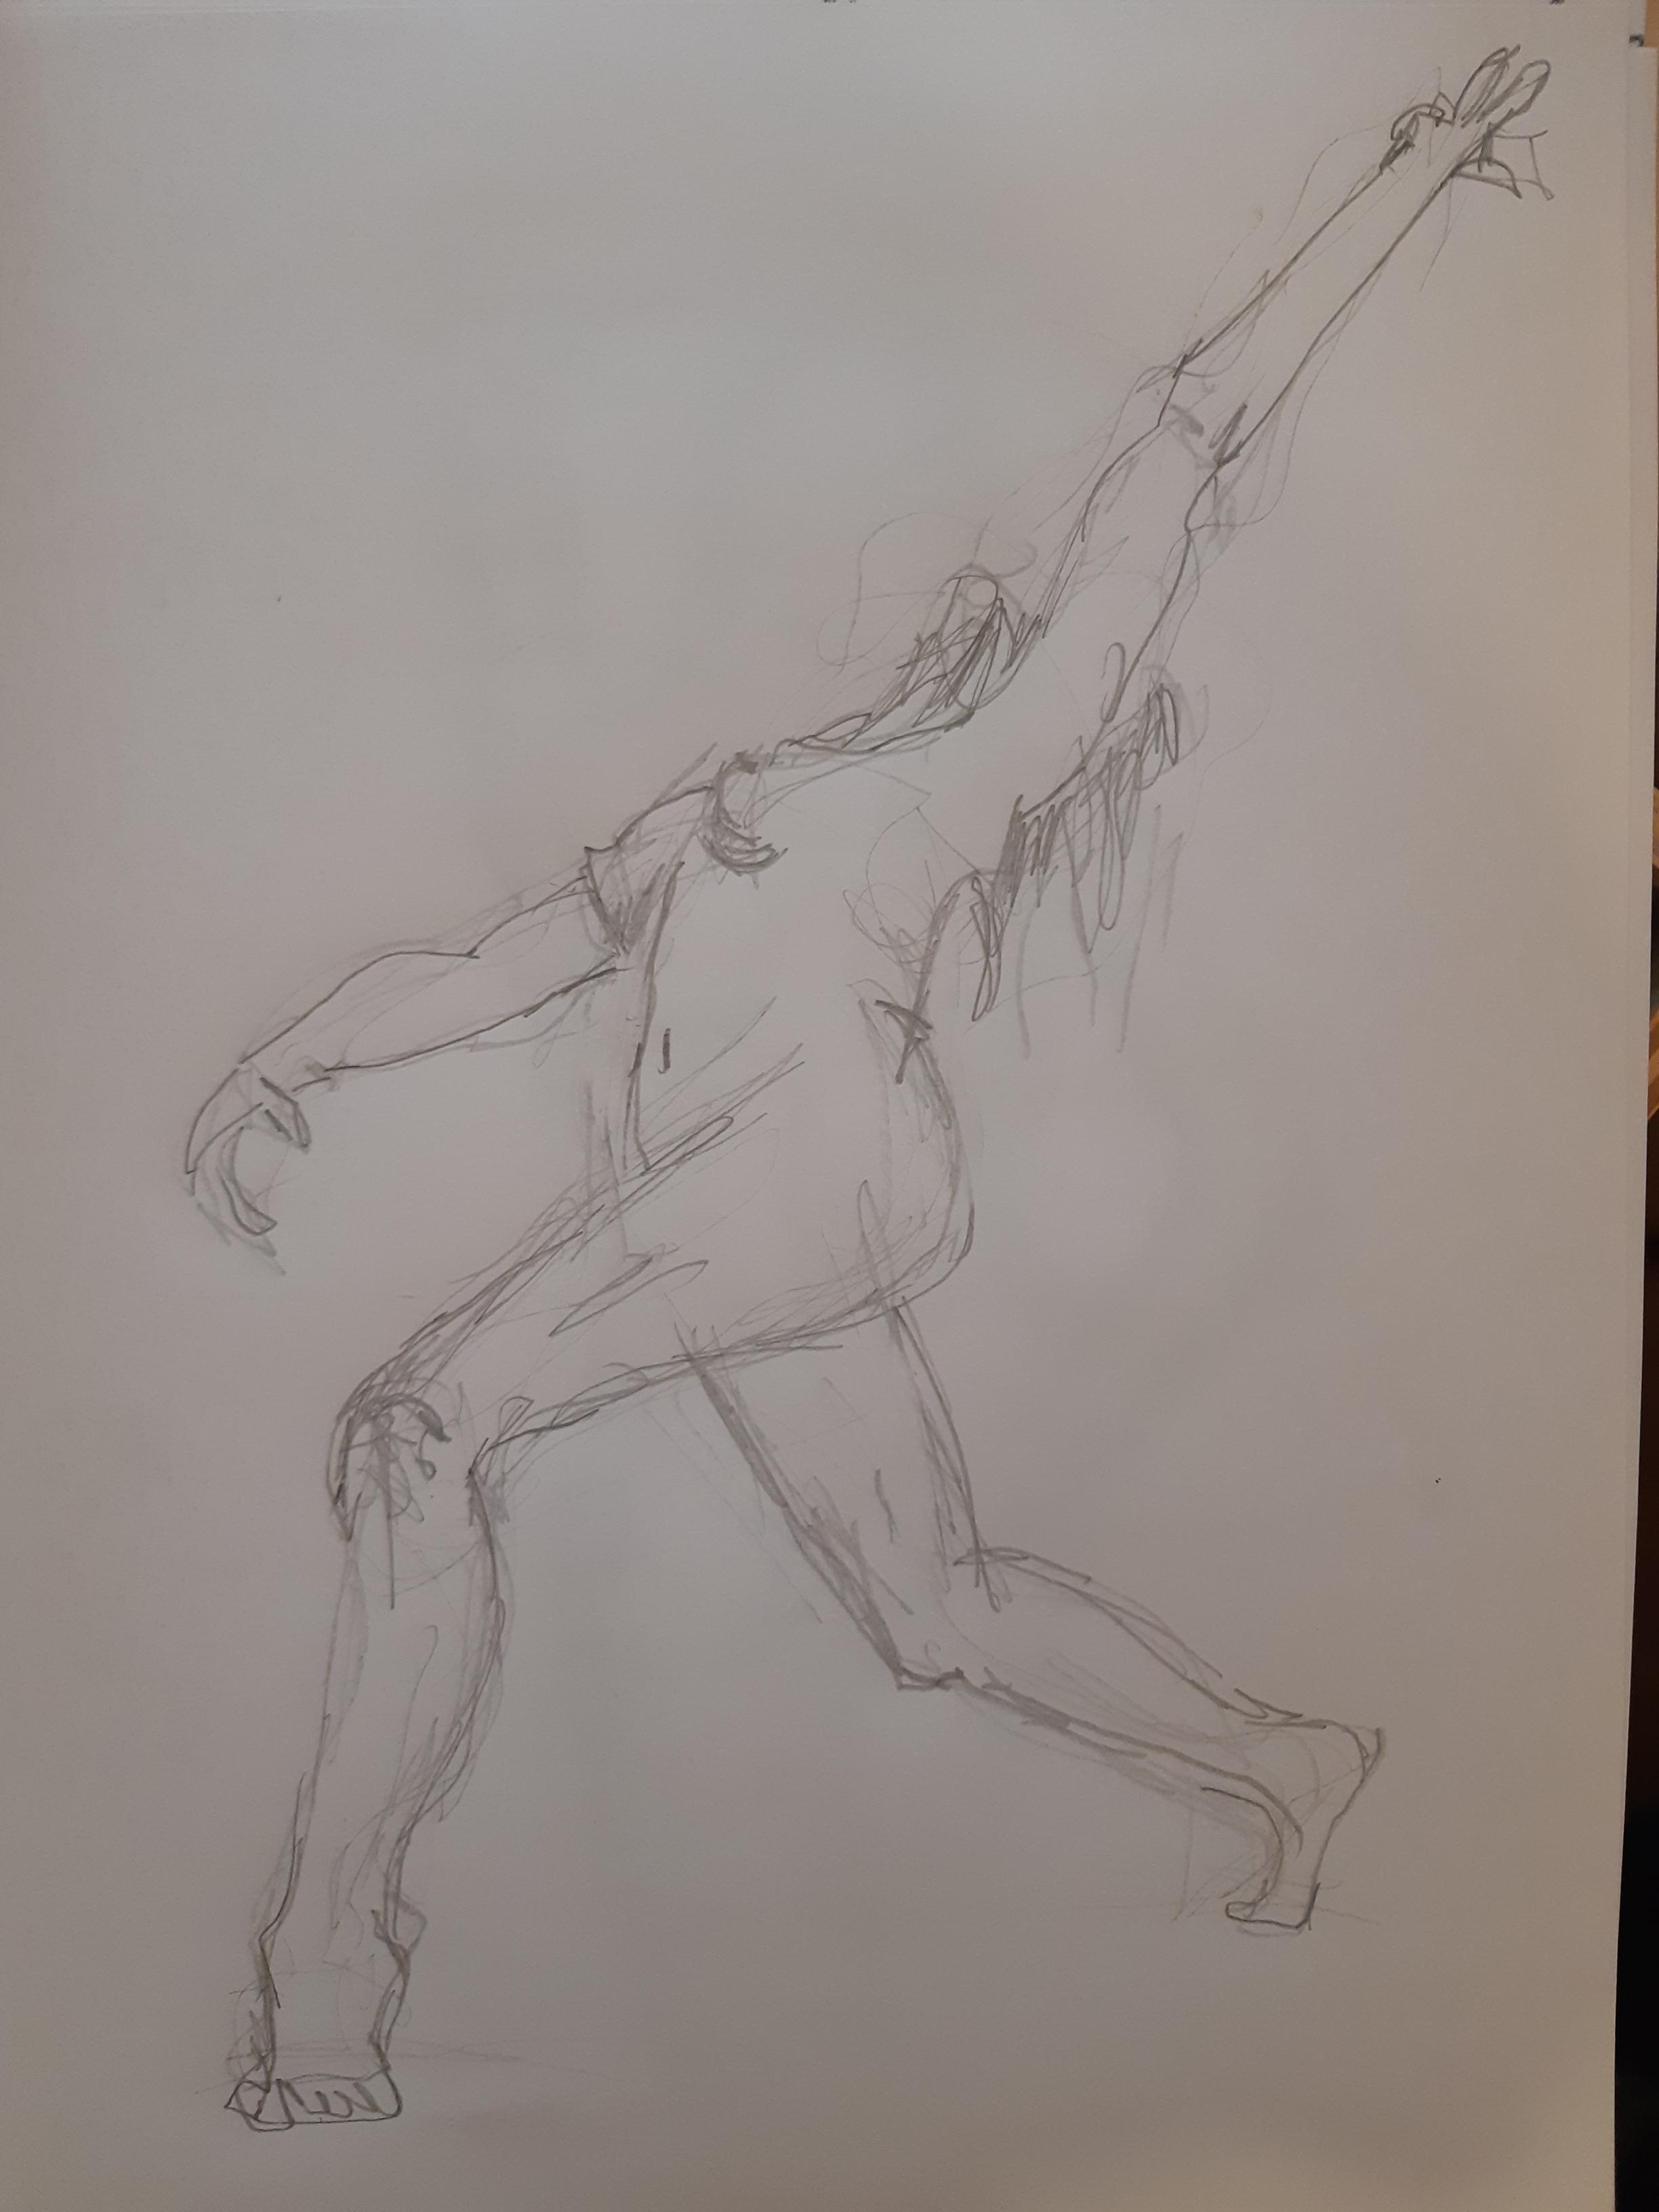 Esquisse rapide trois quarts face crayon graphite  cours de dessin